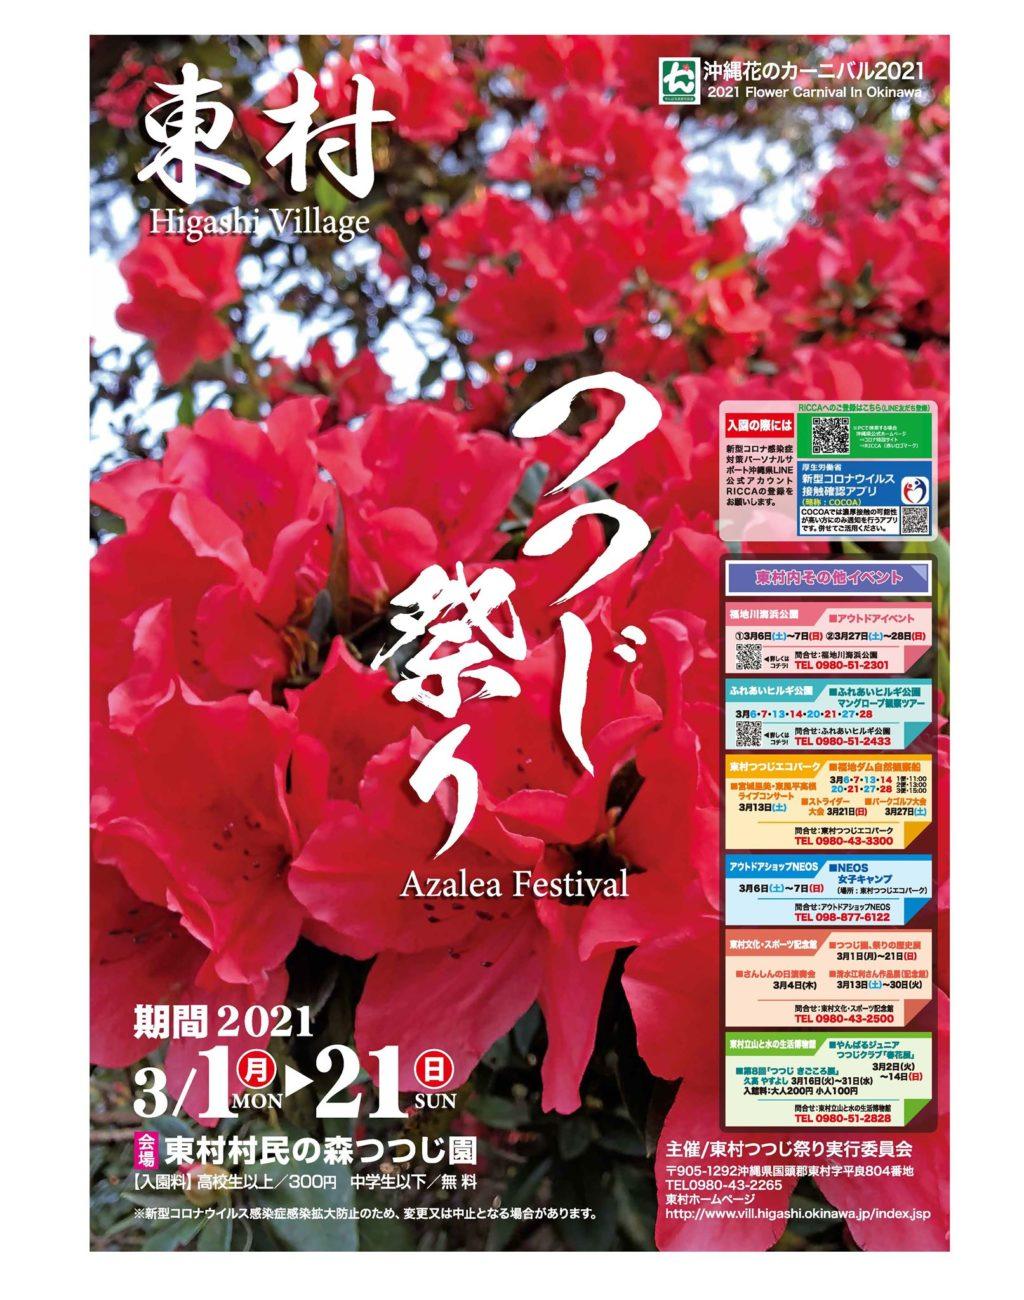 「東村つつじ祭り」沖縄の2021年お花イベント!約5万本のつつじ